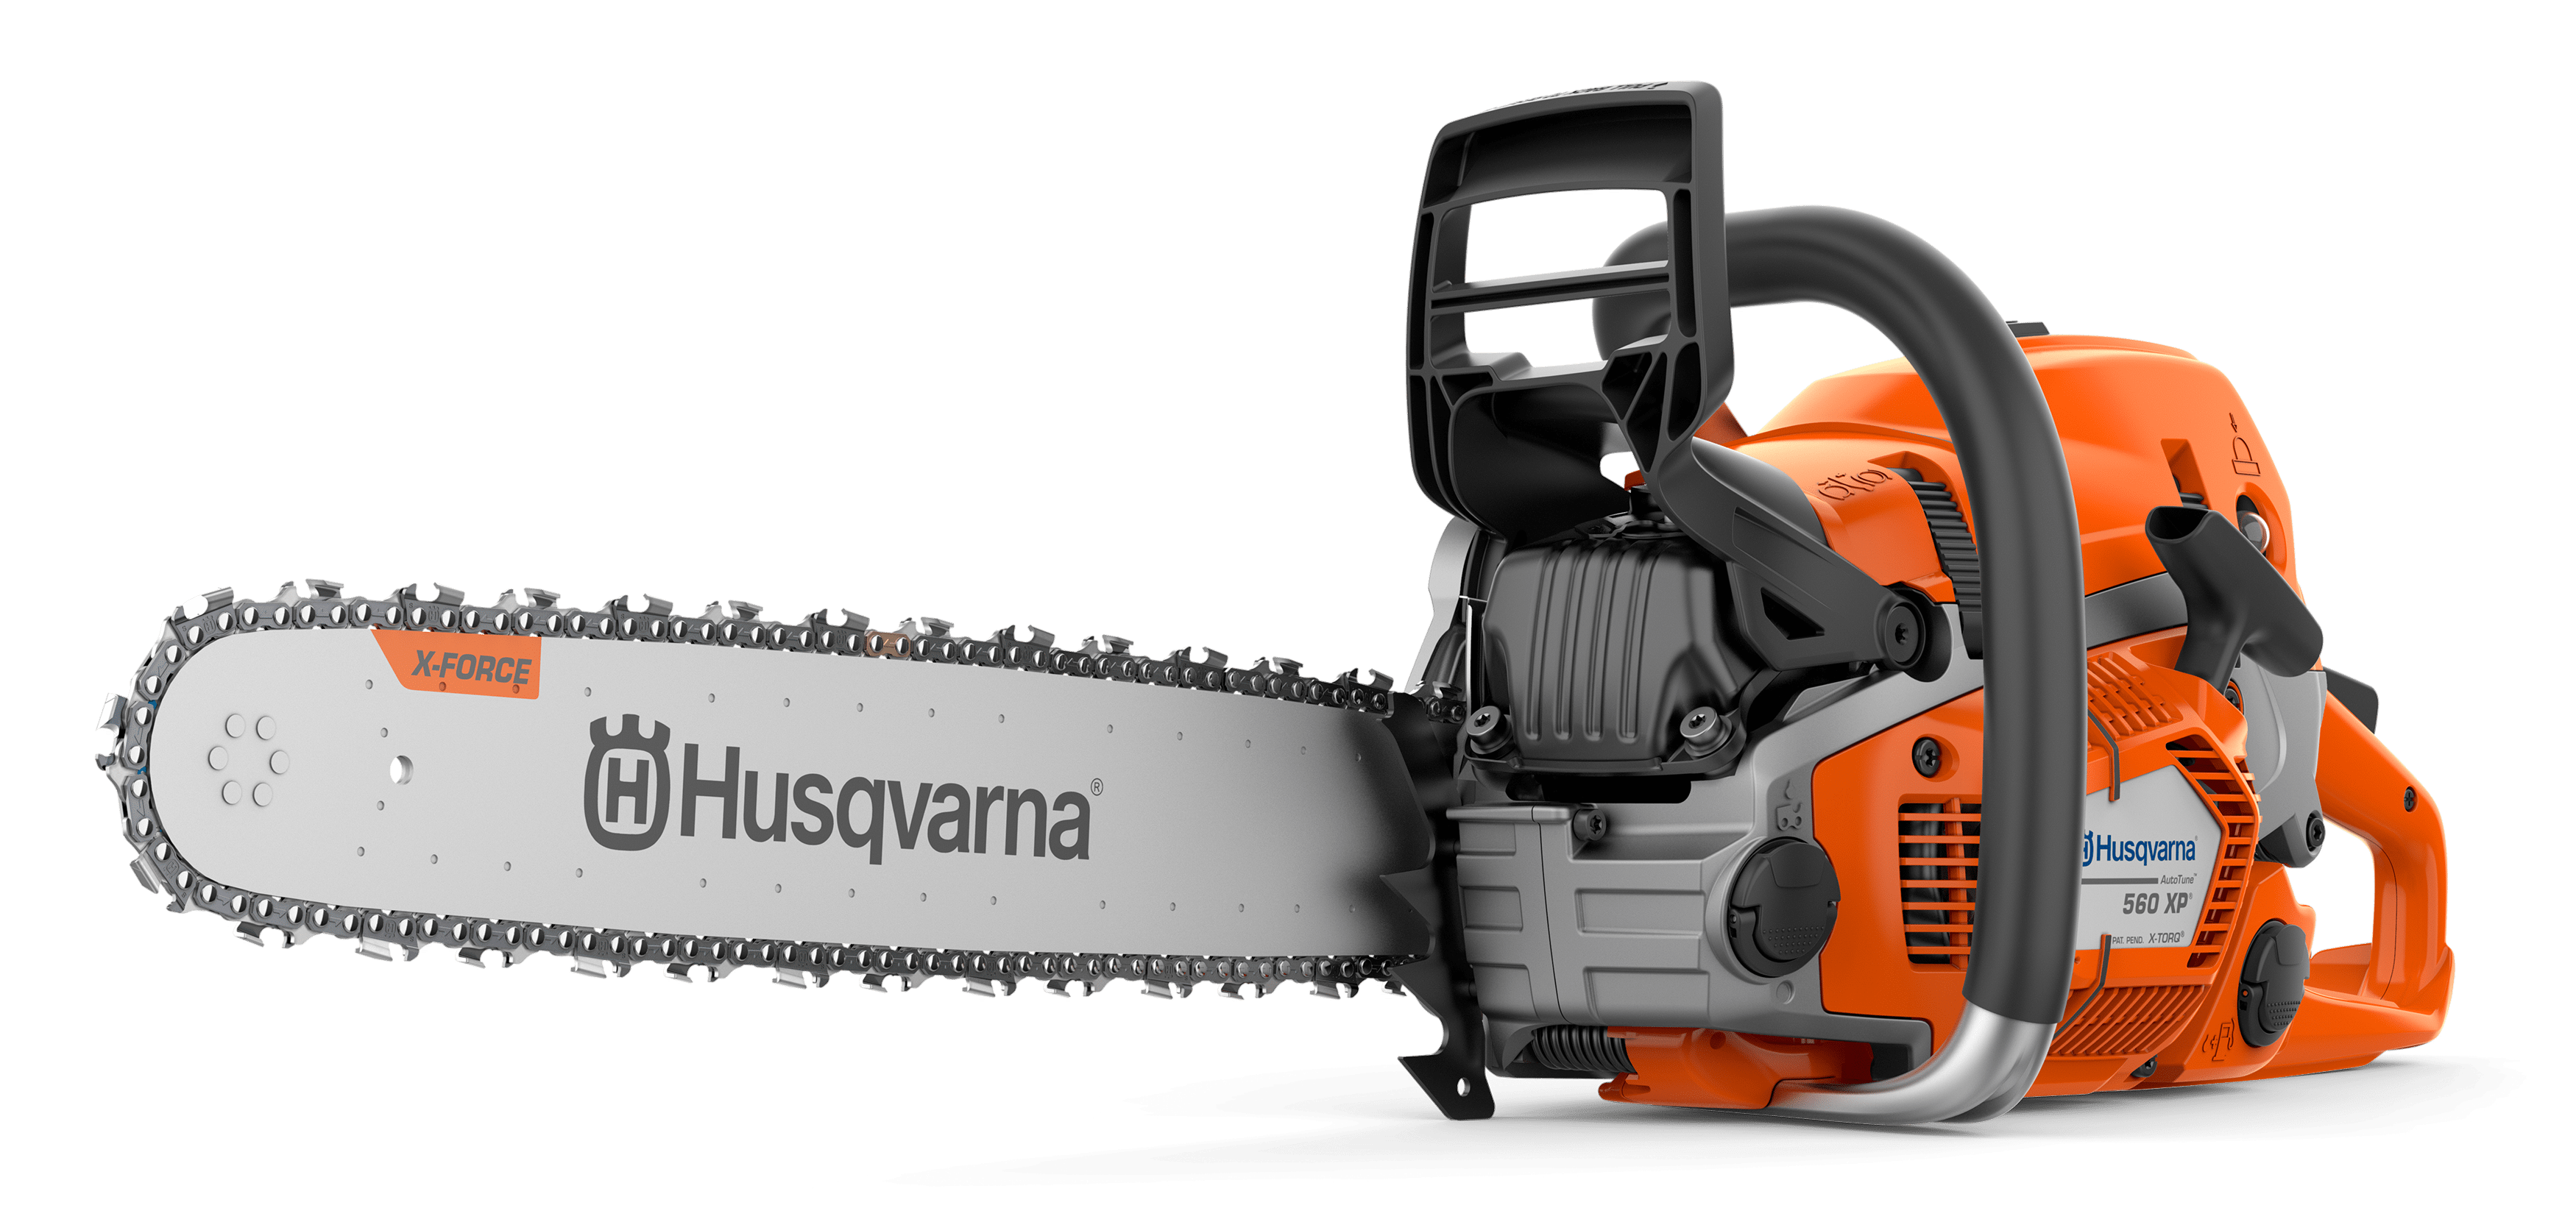 OREGON LPX Vollmeißel Sägekette 45 cm für HUSQVARNA 346 XP